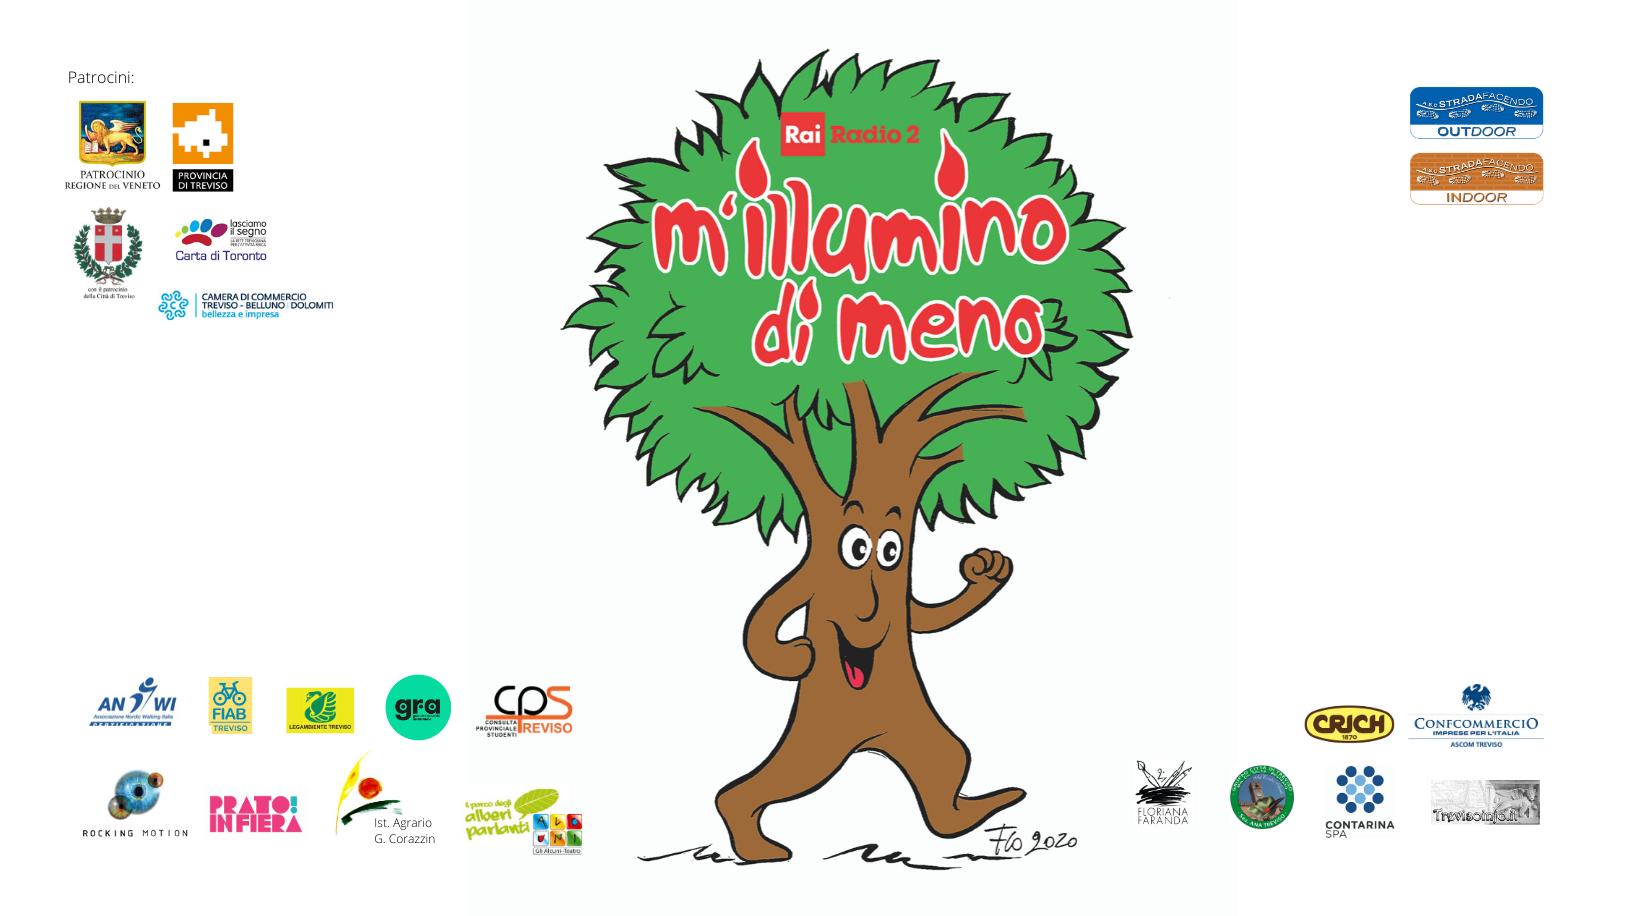 Immagine Camminata sociale M'illumino di meno 2020 a Treviso con il Nordic Walking, Venerdì 6 marzo ore 18.30